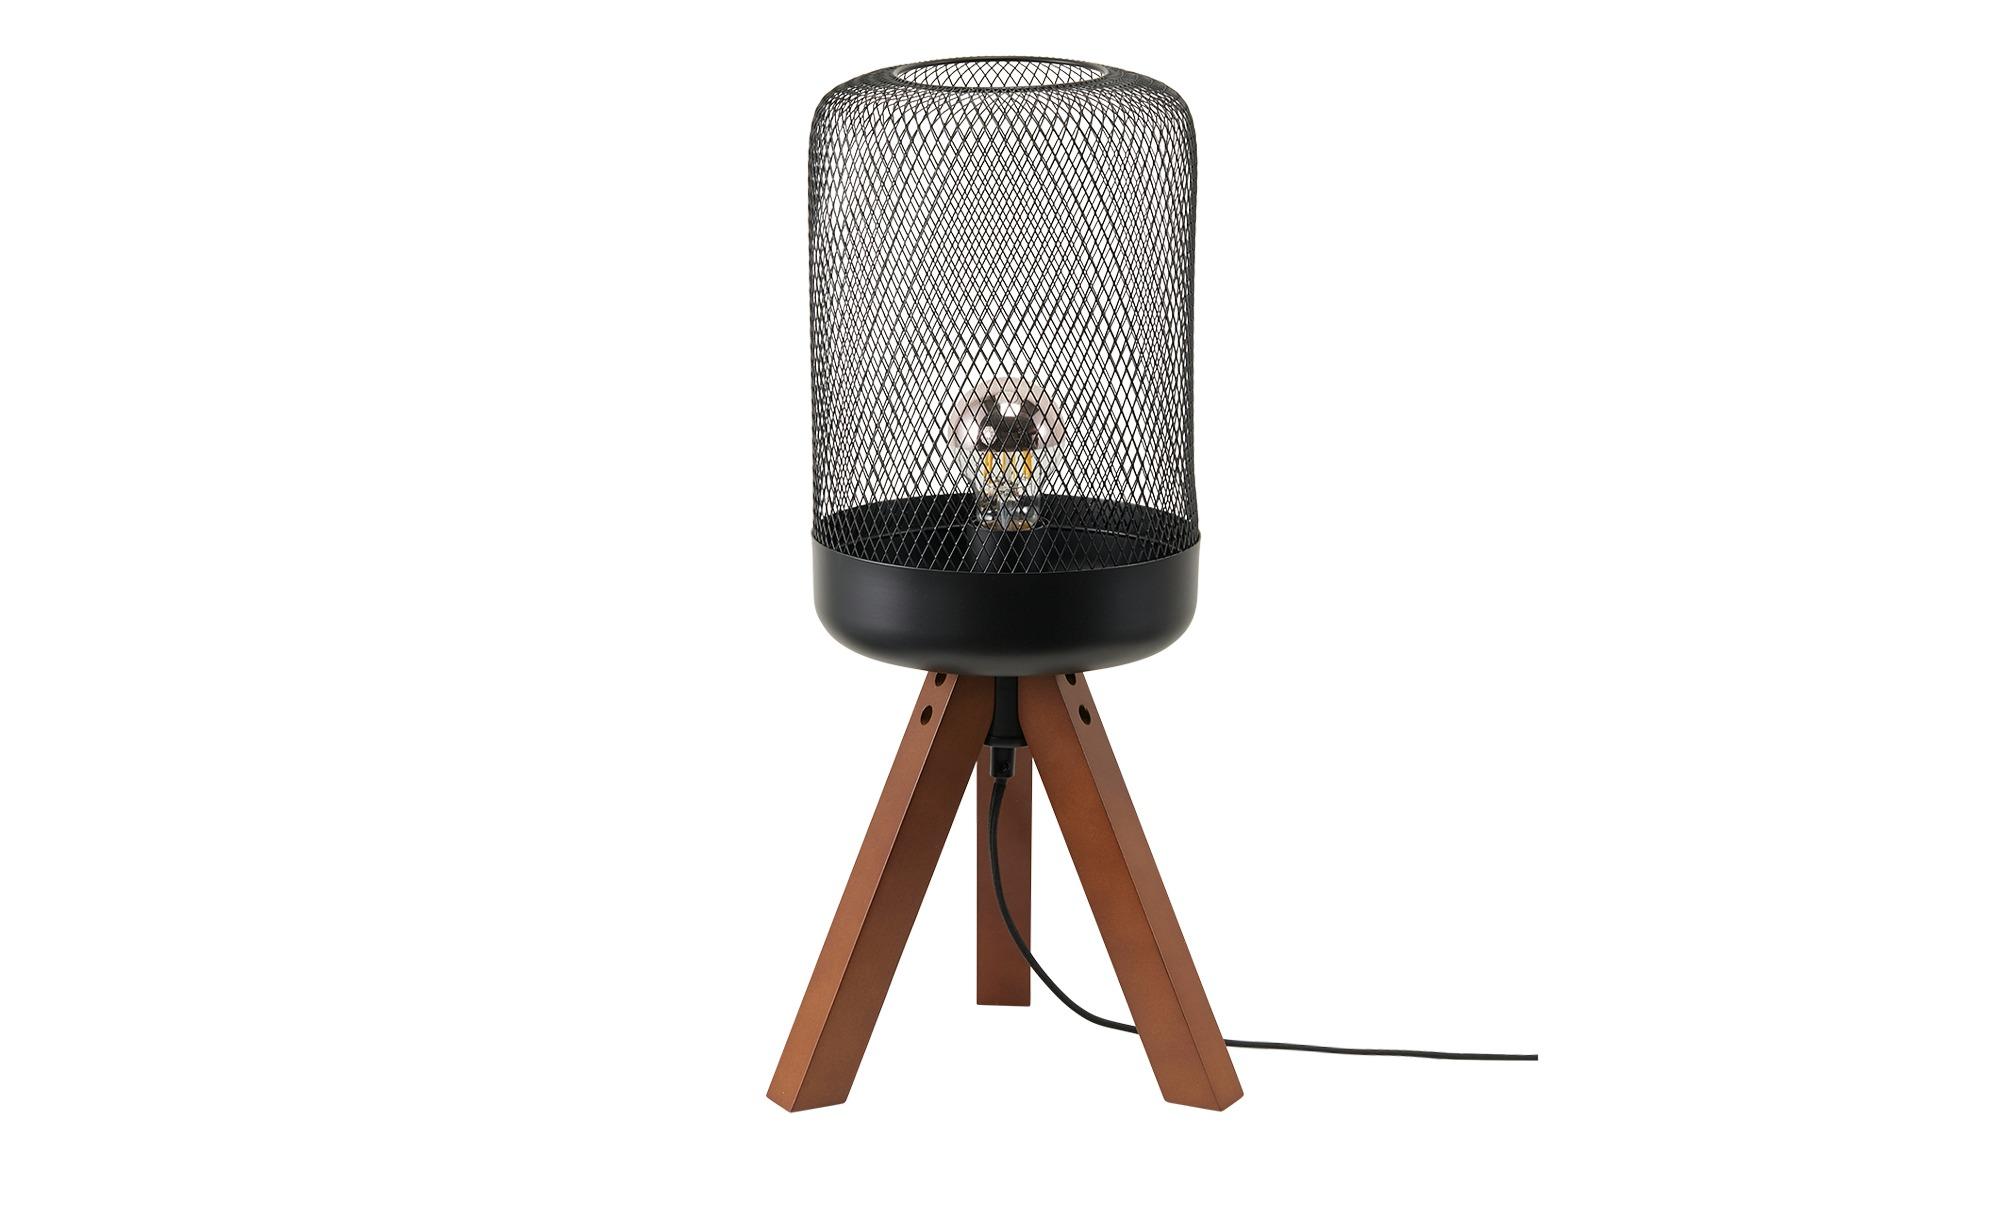 Tischleuchte, 1-flammig, Metallkorb/Holz ¦ schwarz ¦ Maße (cm): H: 50 Ø: 19 Lampen & Leuchten > Innenleuchten > Tischlampen - Höffner